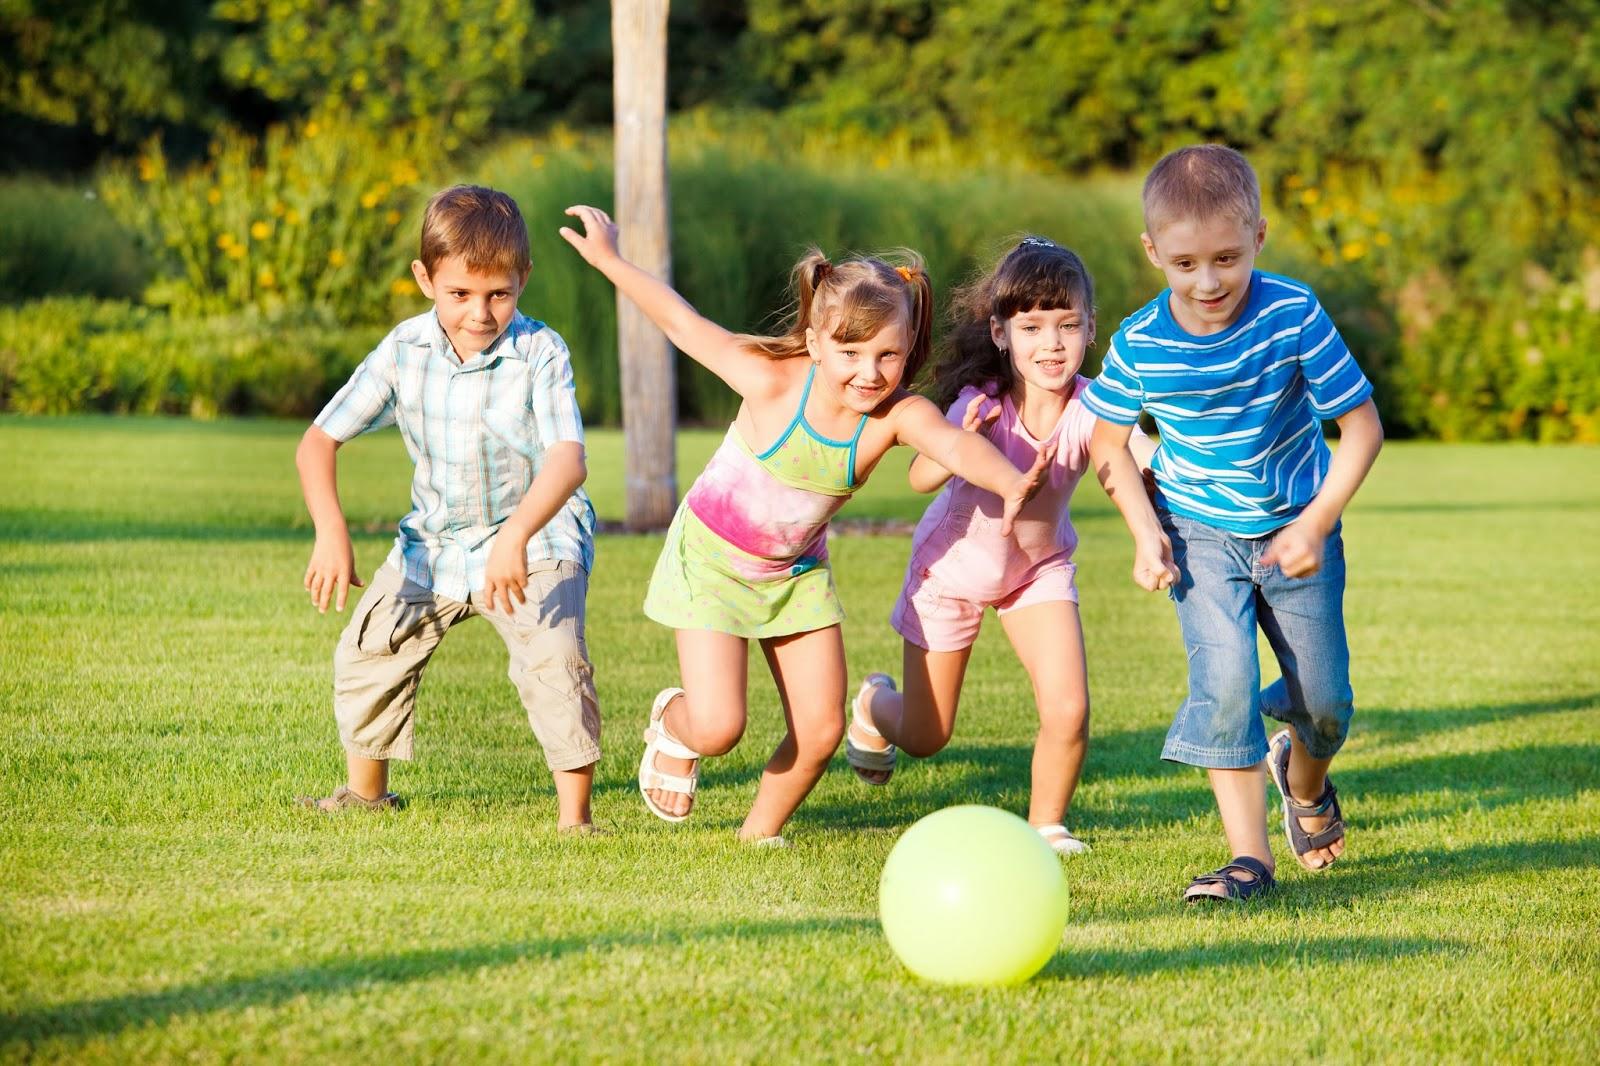 Tabletle Tüm Gün Oynayan Çocuklara Gerçek Oyun Önerileri